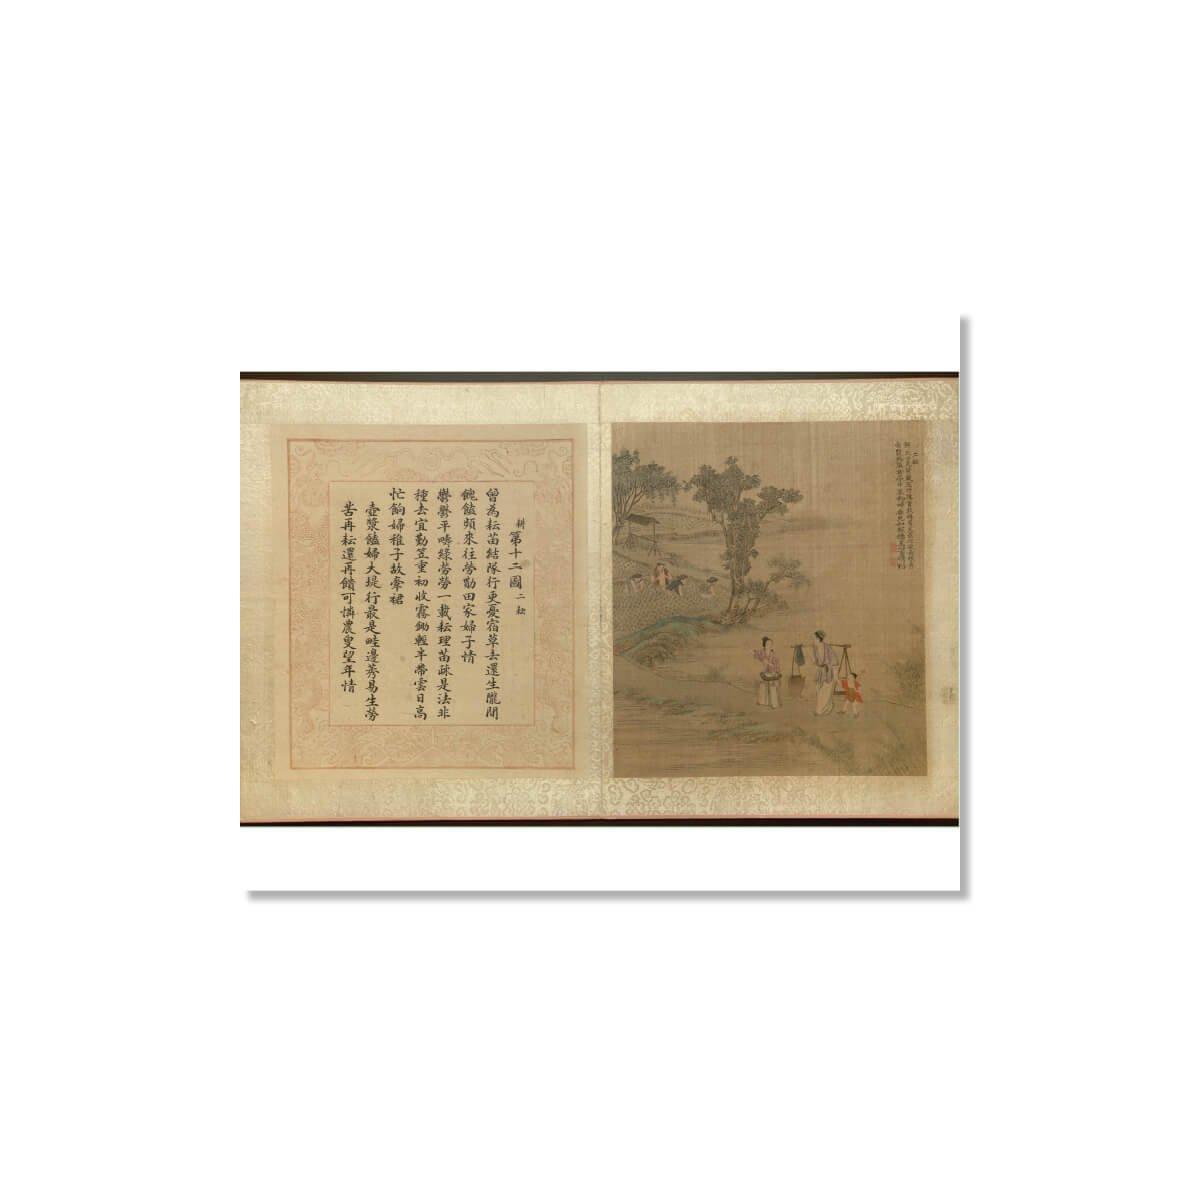 Famous Chinese Painter Jiao Bingzhen Set of 5 Unframed China Fine Art Prints 12x16 inch Wish Pub